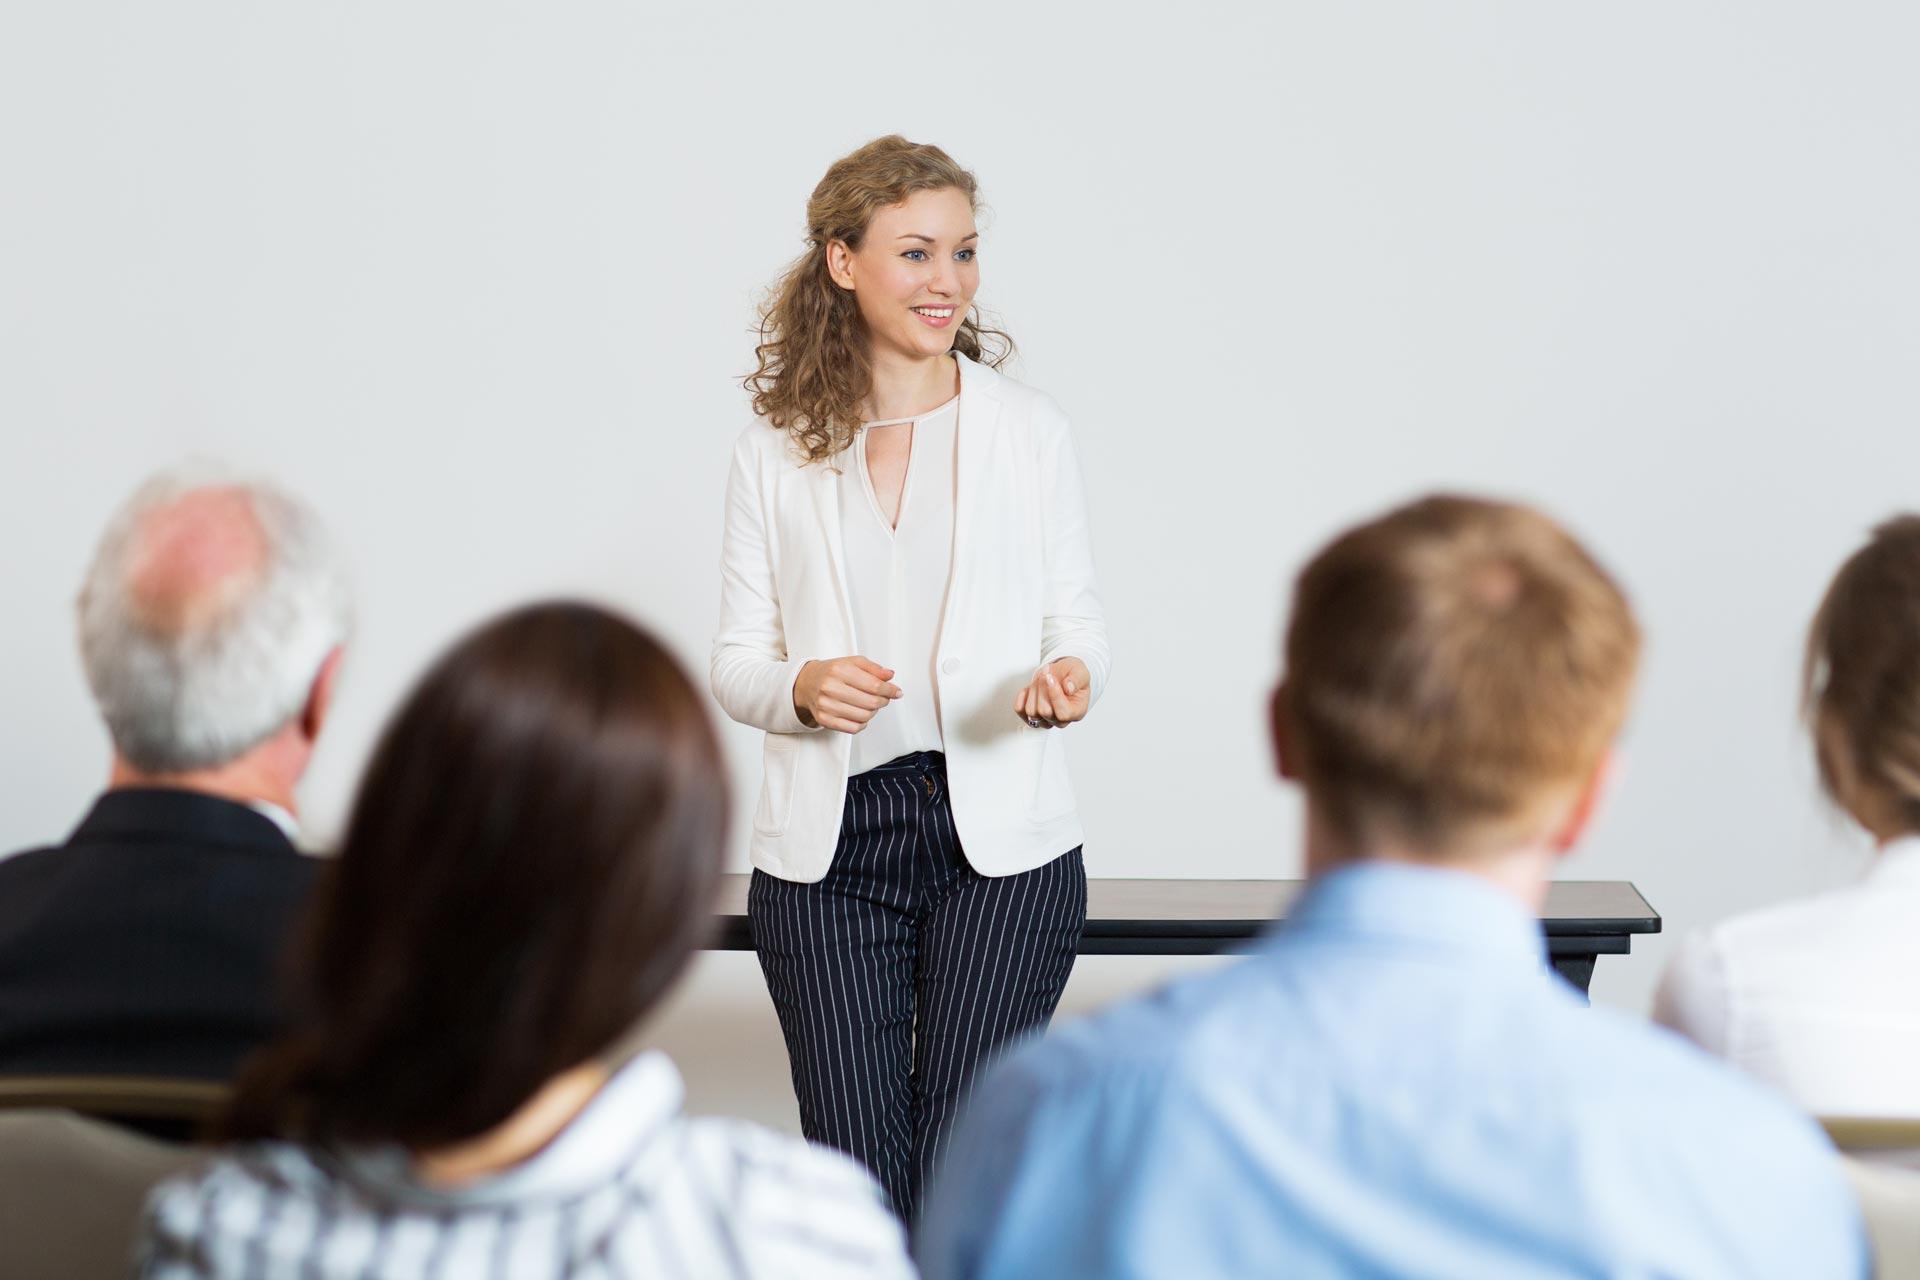 Oratória: Aprenda 4 técnicas para falar bem em público